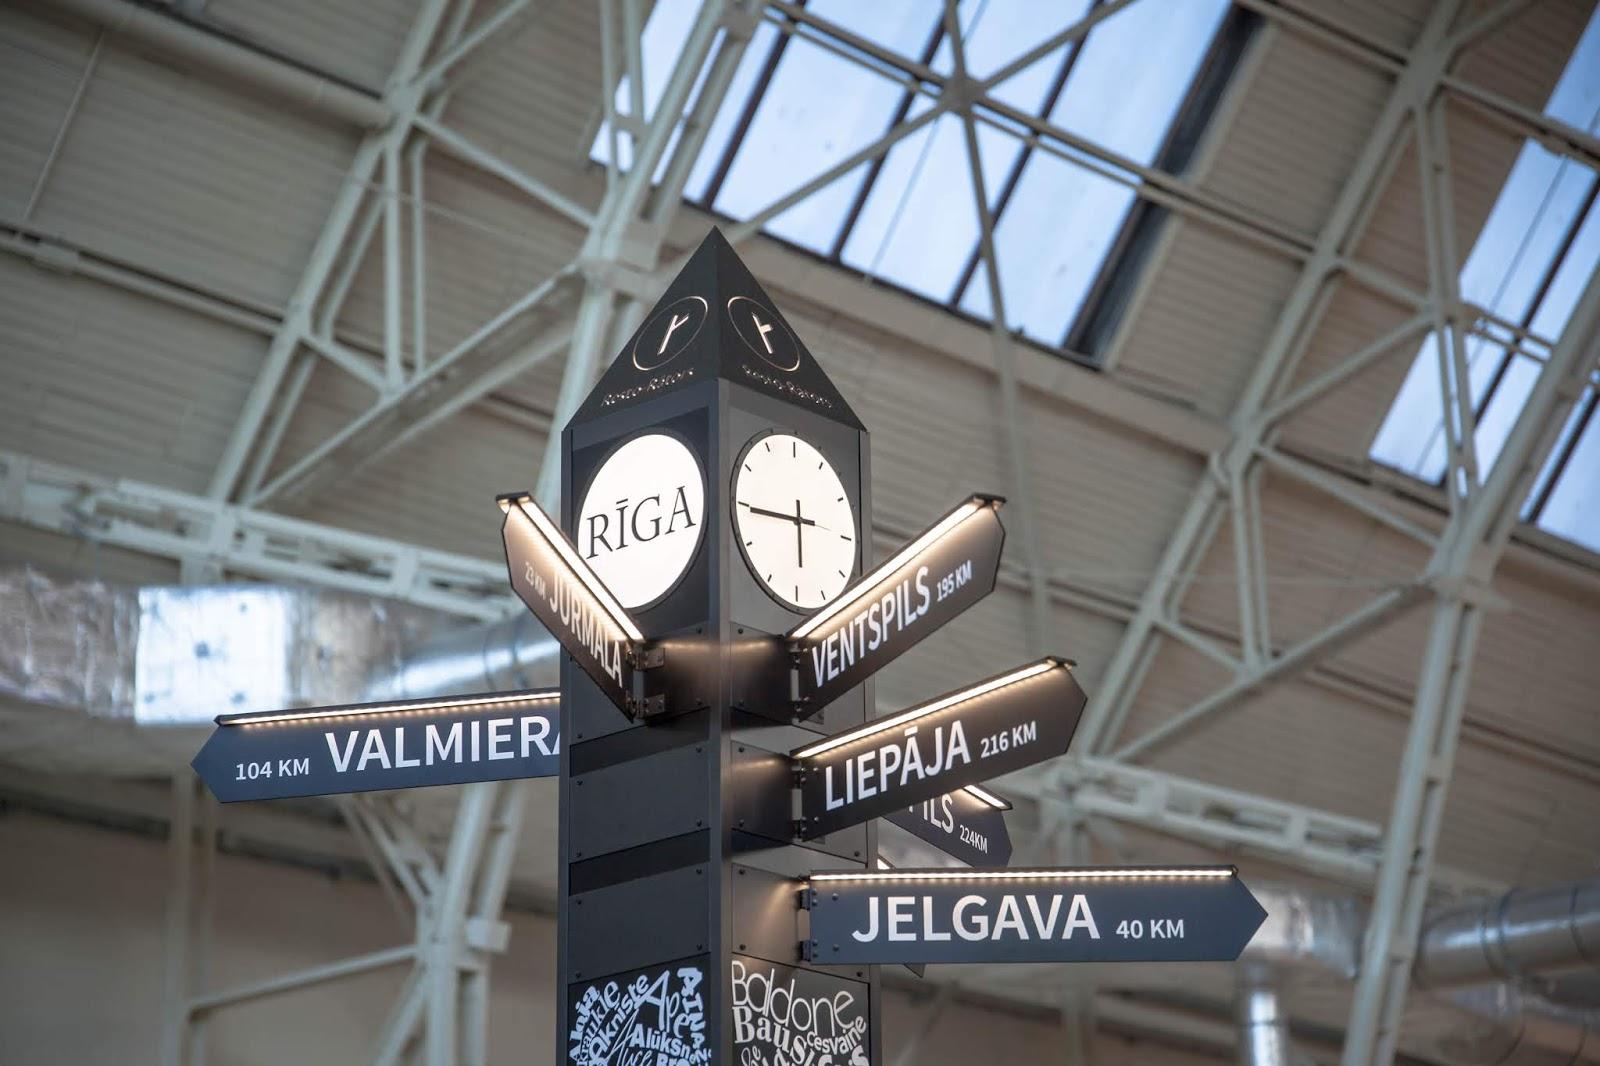 Riga centrals